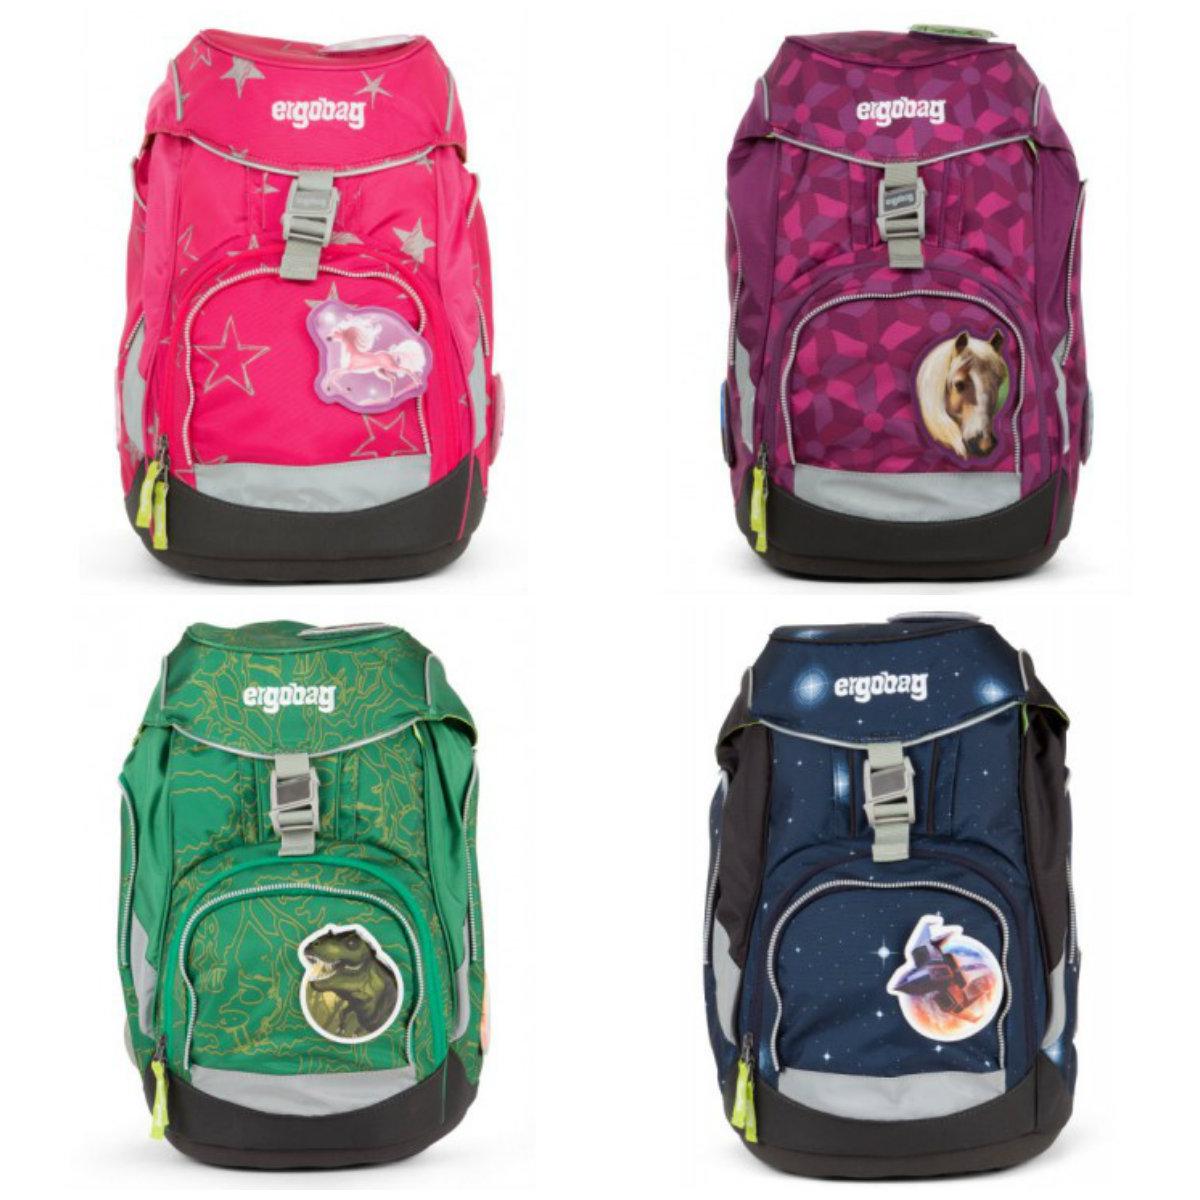 ergobag skoletaske ergonomisk skoletaske begynder skoletaske